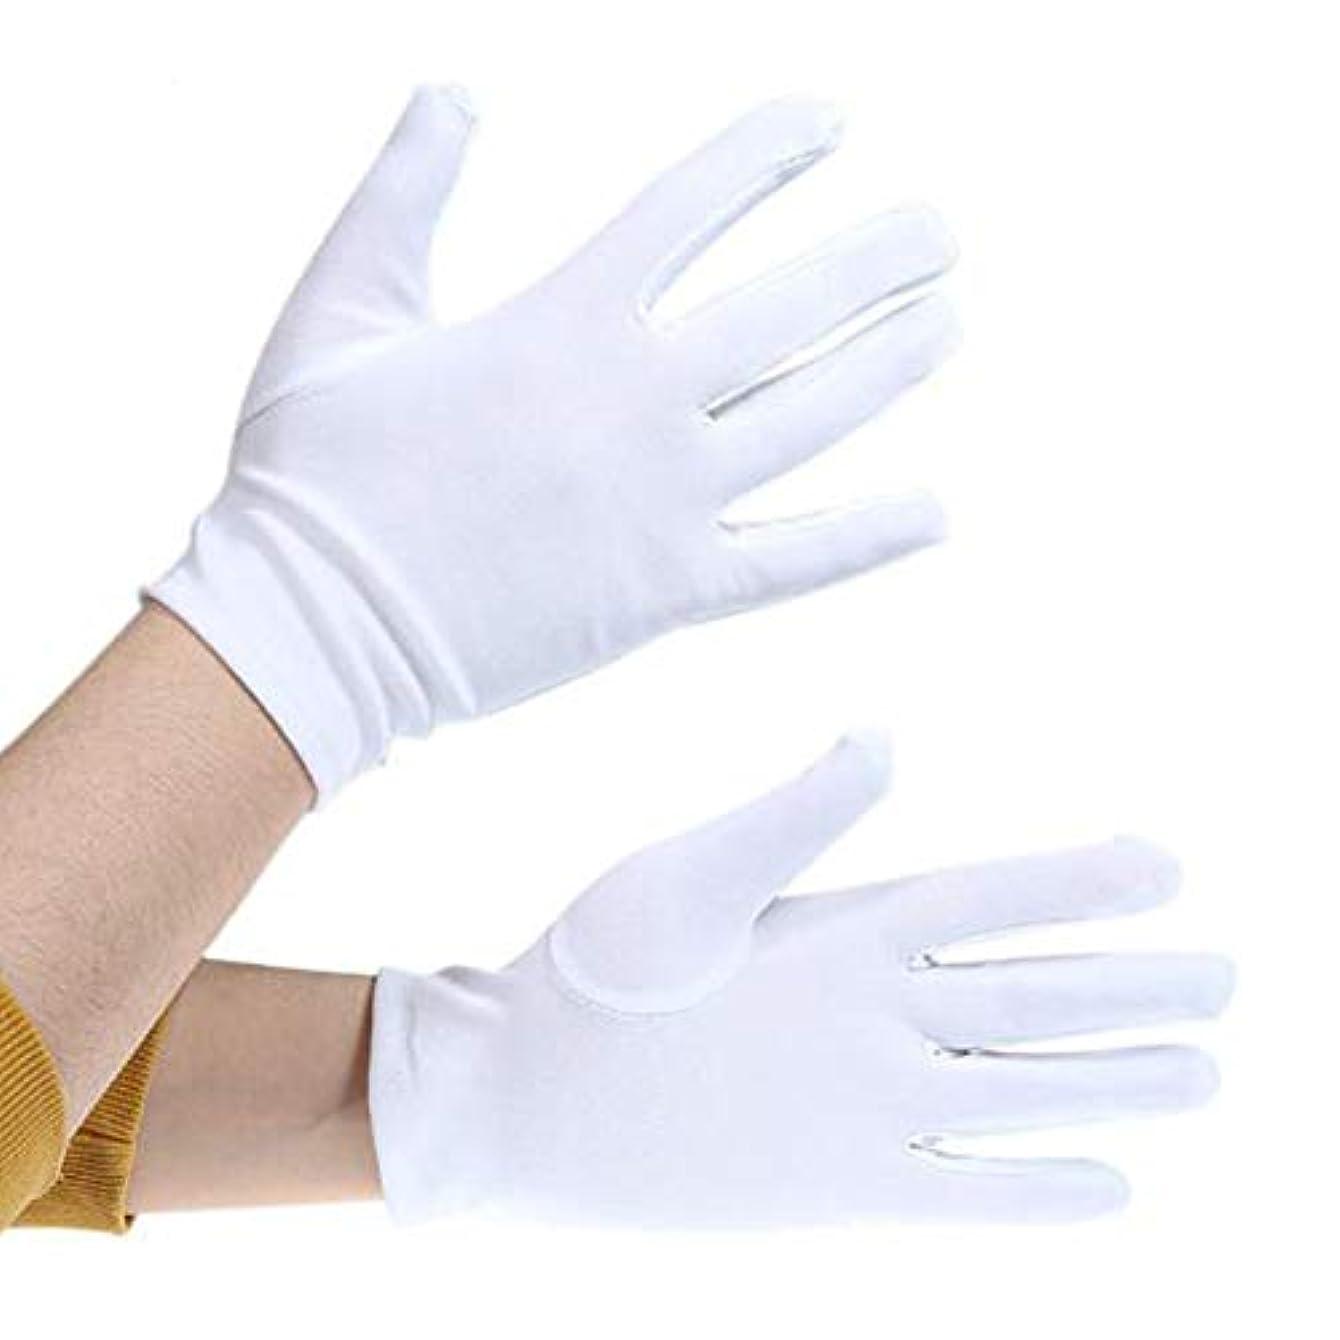 悲しいシーサイド恨み白手袋薄 礼装用 ジュエリーグローブ時計 貴金属 宝石 接客用 品質管理用 作業用手ぶくろ,保護着用者